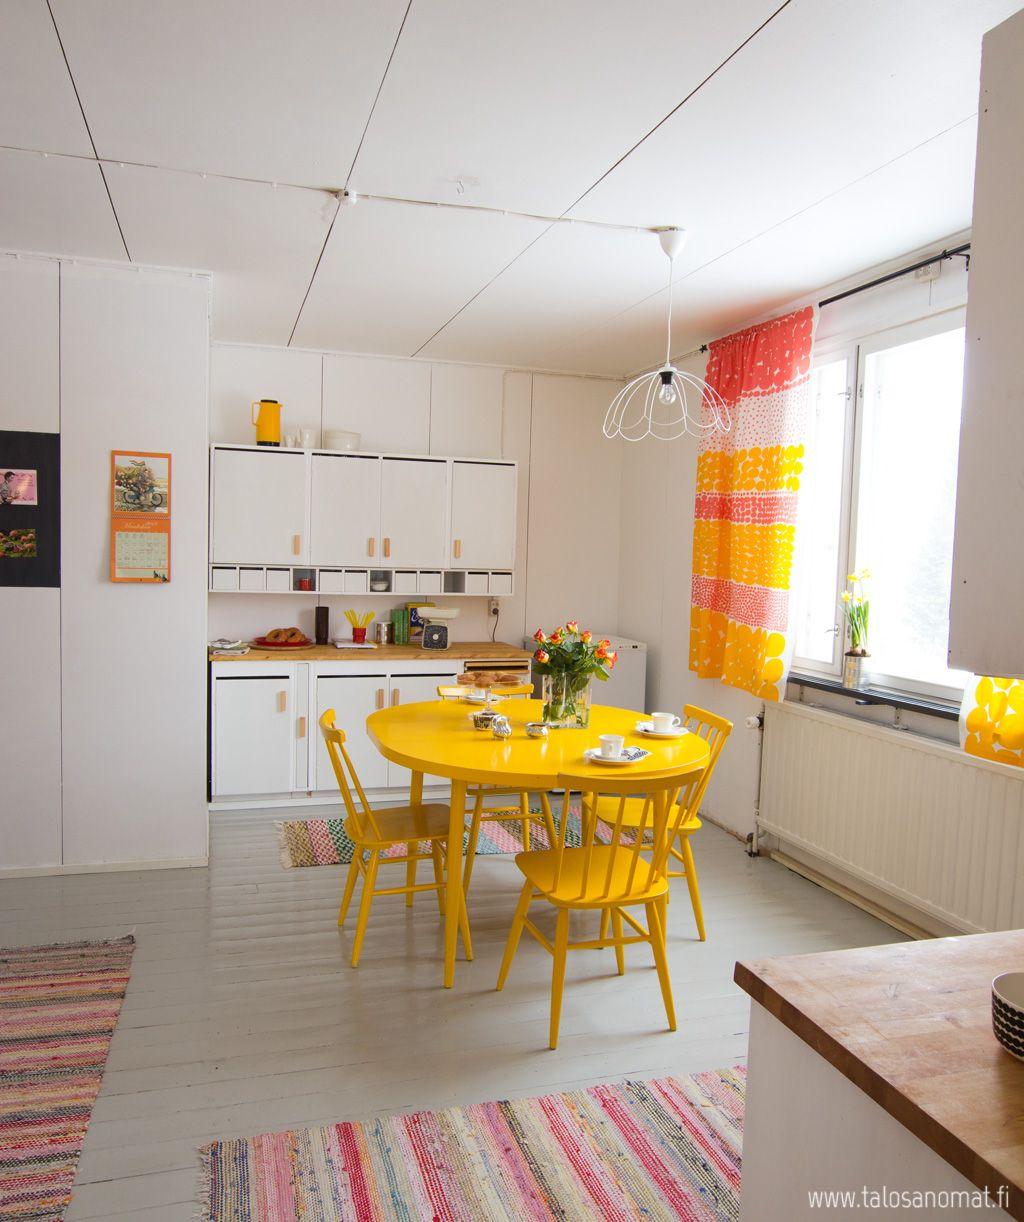 Pannukahvit luvattiin, joten ilman muuta pannukahvit saatte. Ja saatte ne vielä täällä, keittiössä jossa asuu kevät keskellä talveakin.